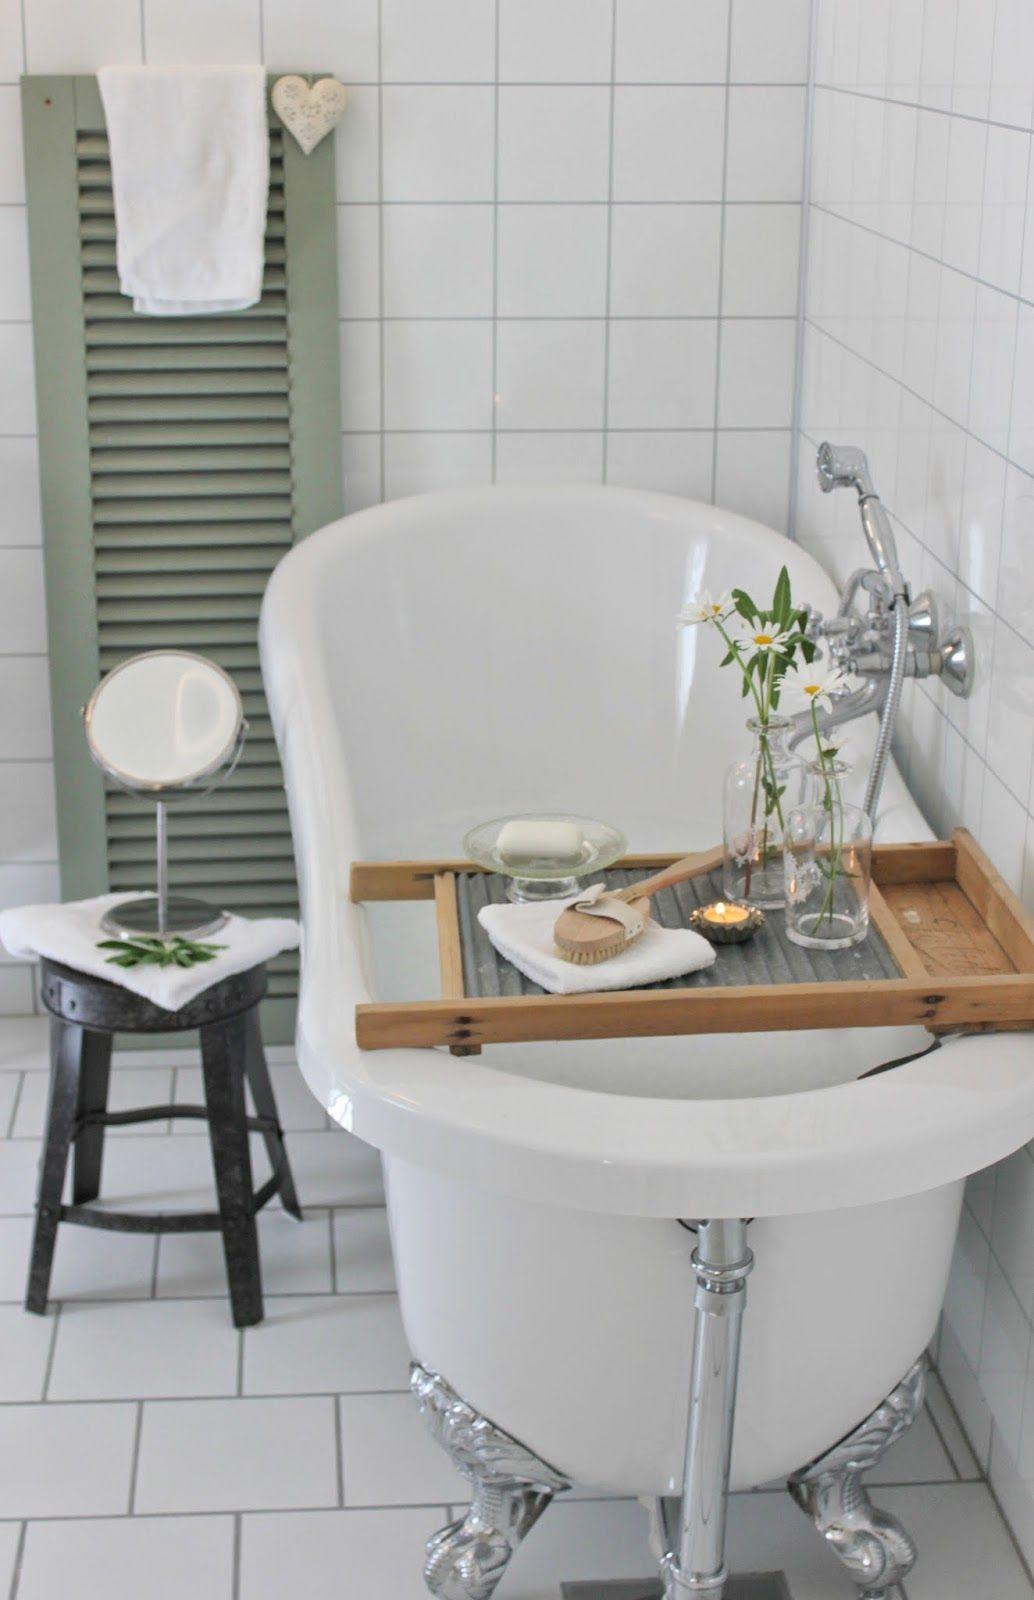 Bathroom Einrichtung Einrichtungsideen Alte Waschbretter